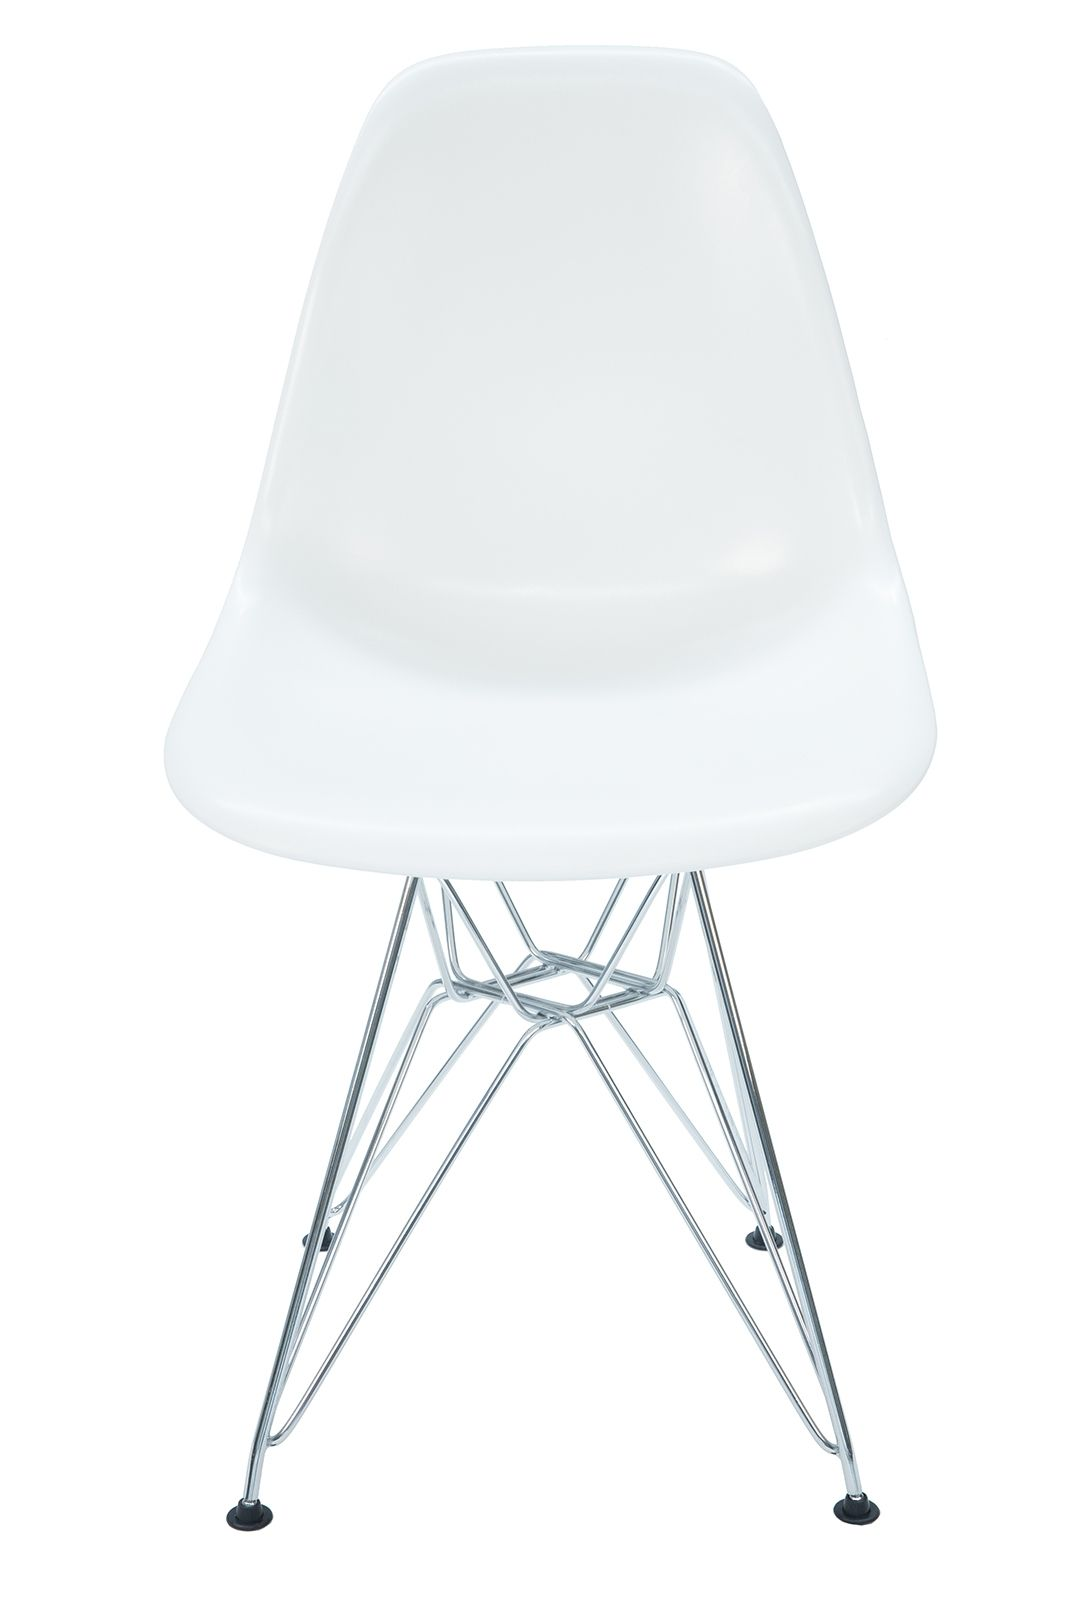 Replica Eames DSR Eiffel Chair & Chrome Legs | White